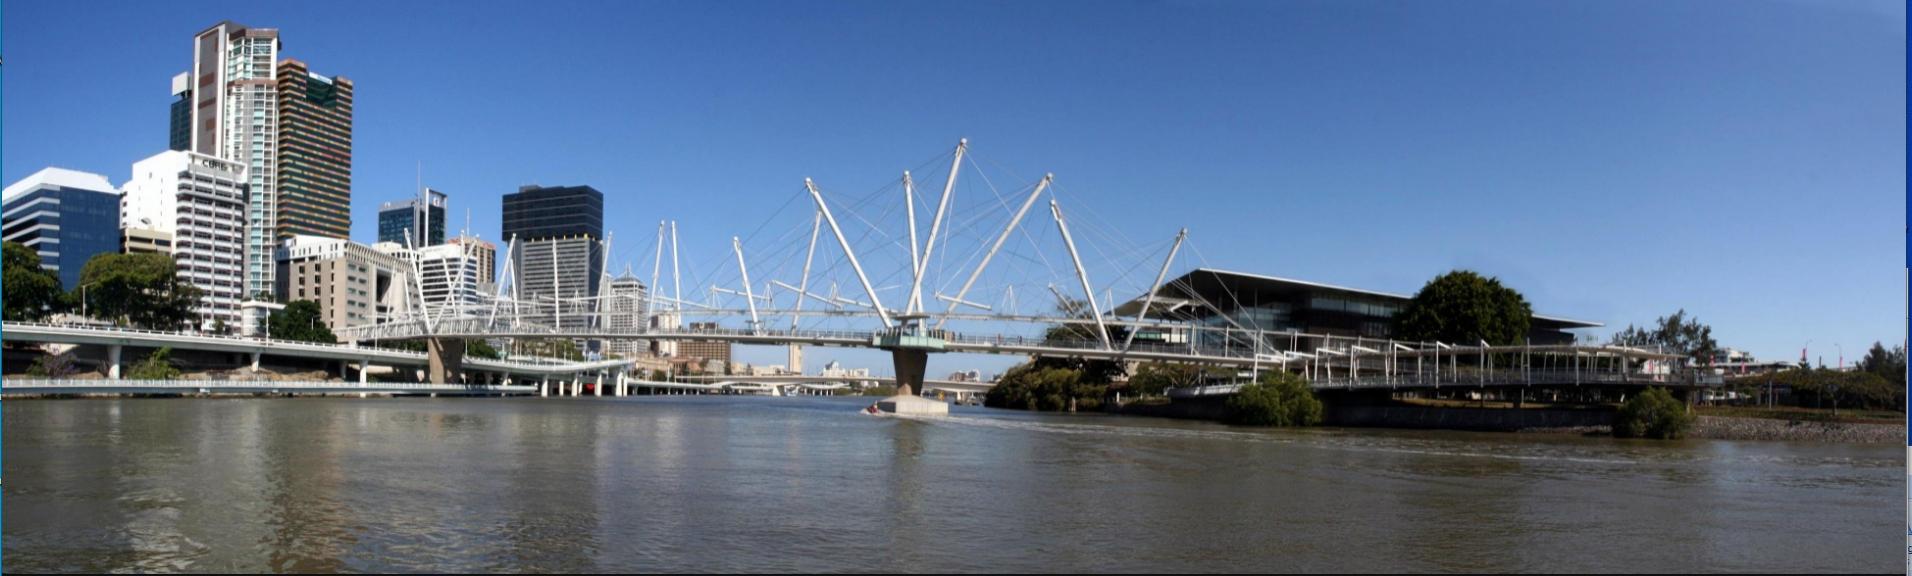 De Kurilpa Bridge in Brisbane is op het eerste gezicht een bonte verzameling van willekeurige geplaatste stokken, die onderling met staaldraden zijn verbonden. Hij schijnt echter erg stevig te zijn.